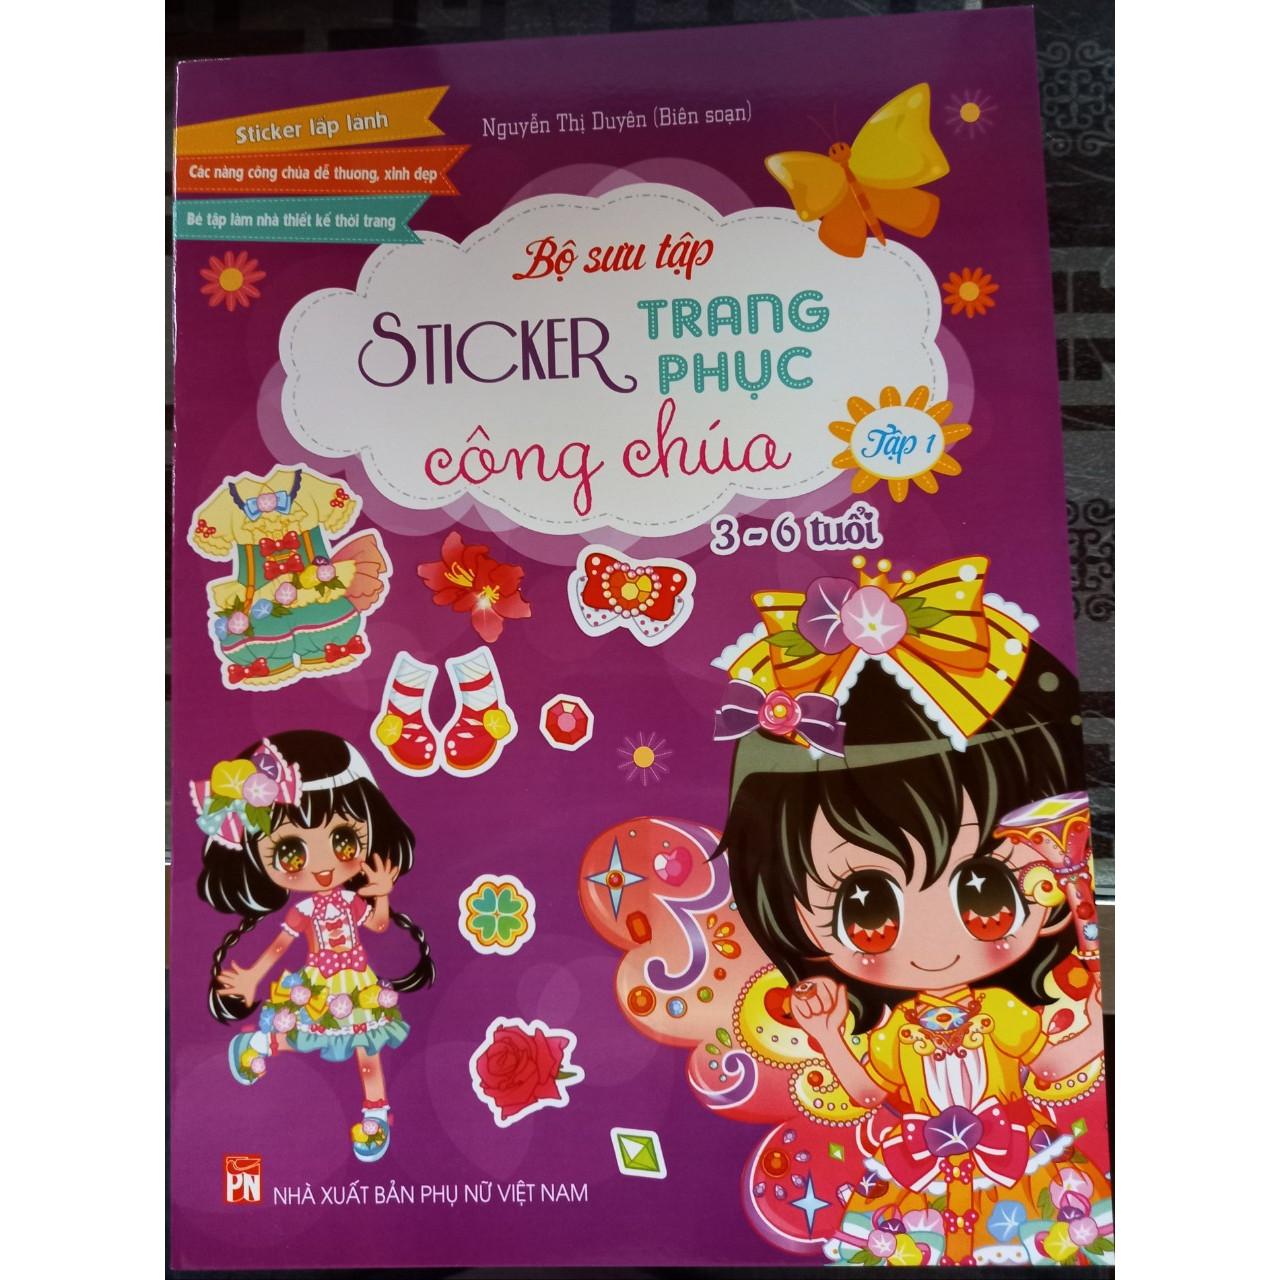 Bộ sưu tập sticker trang phục công chúa  - tập 1